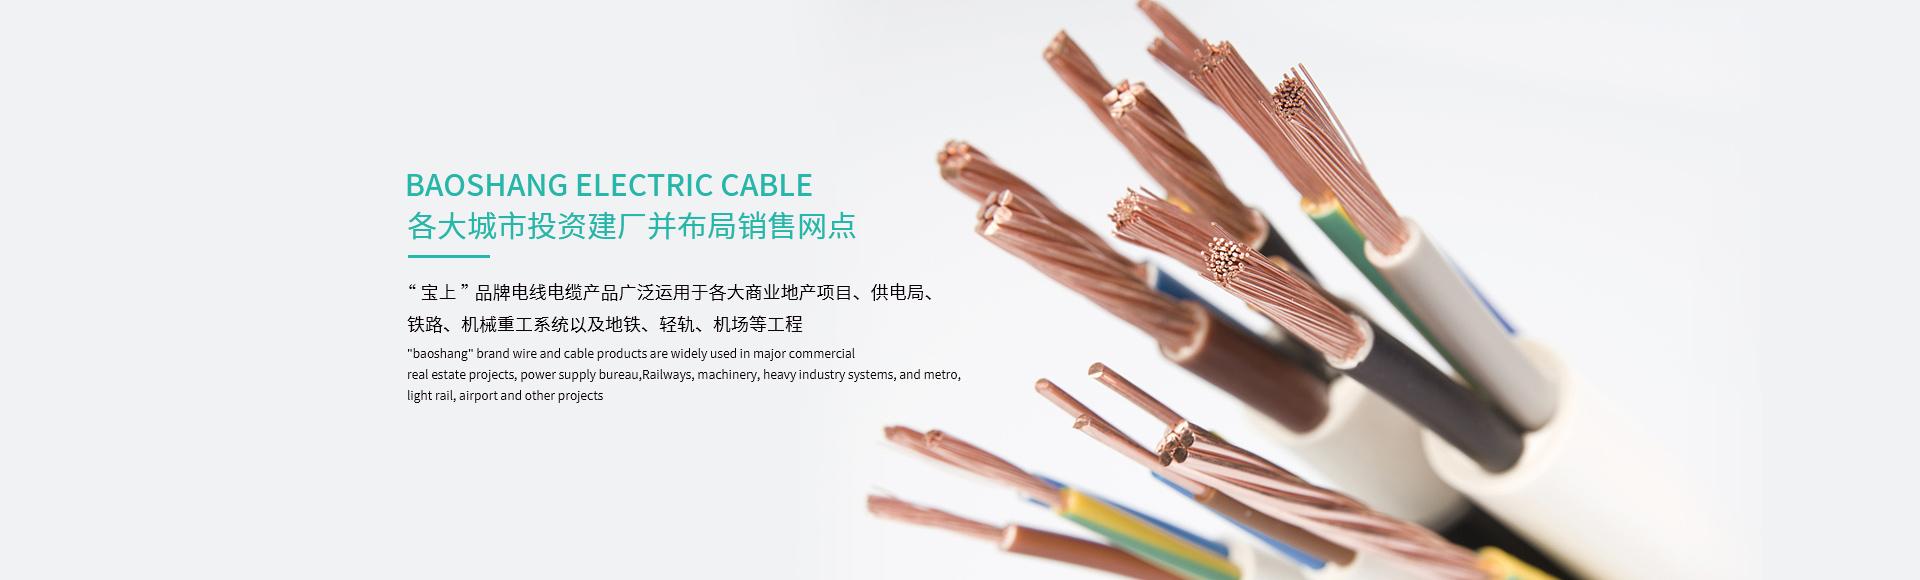 重庆电线电缆厂